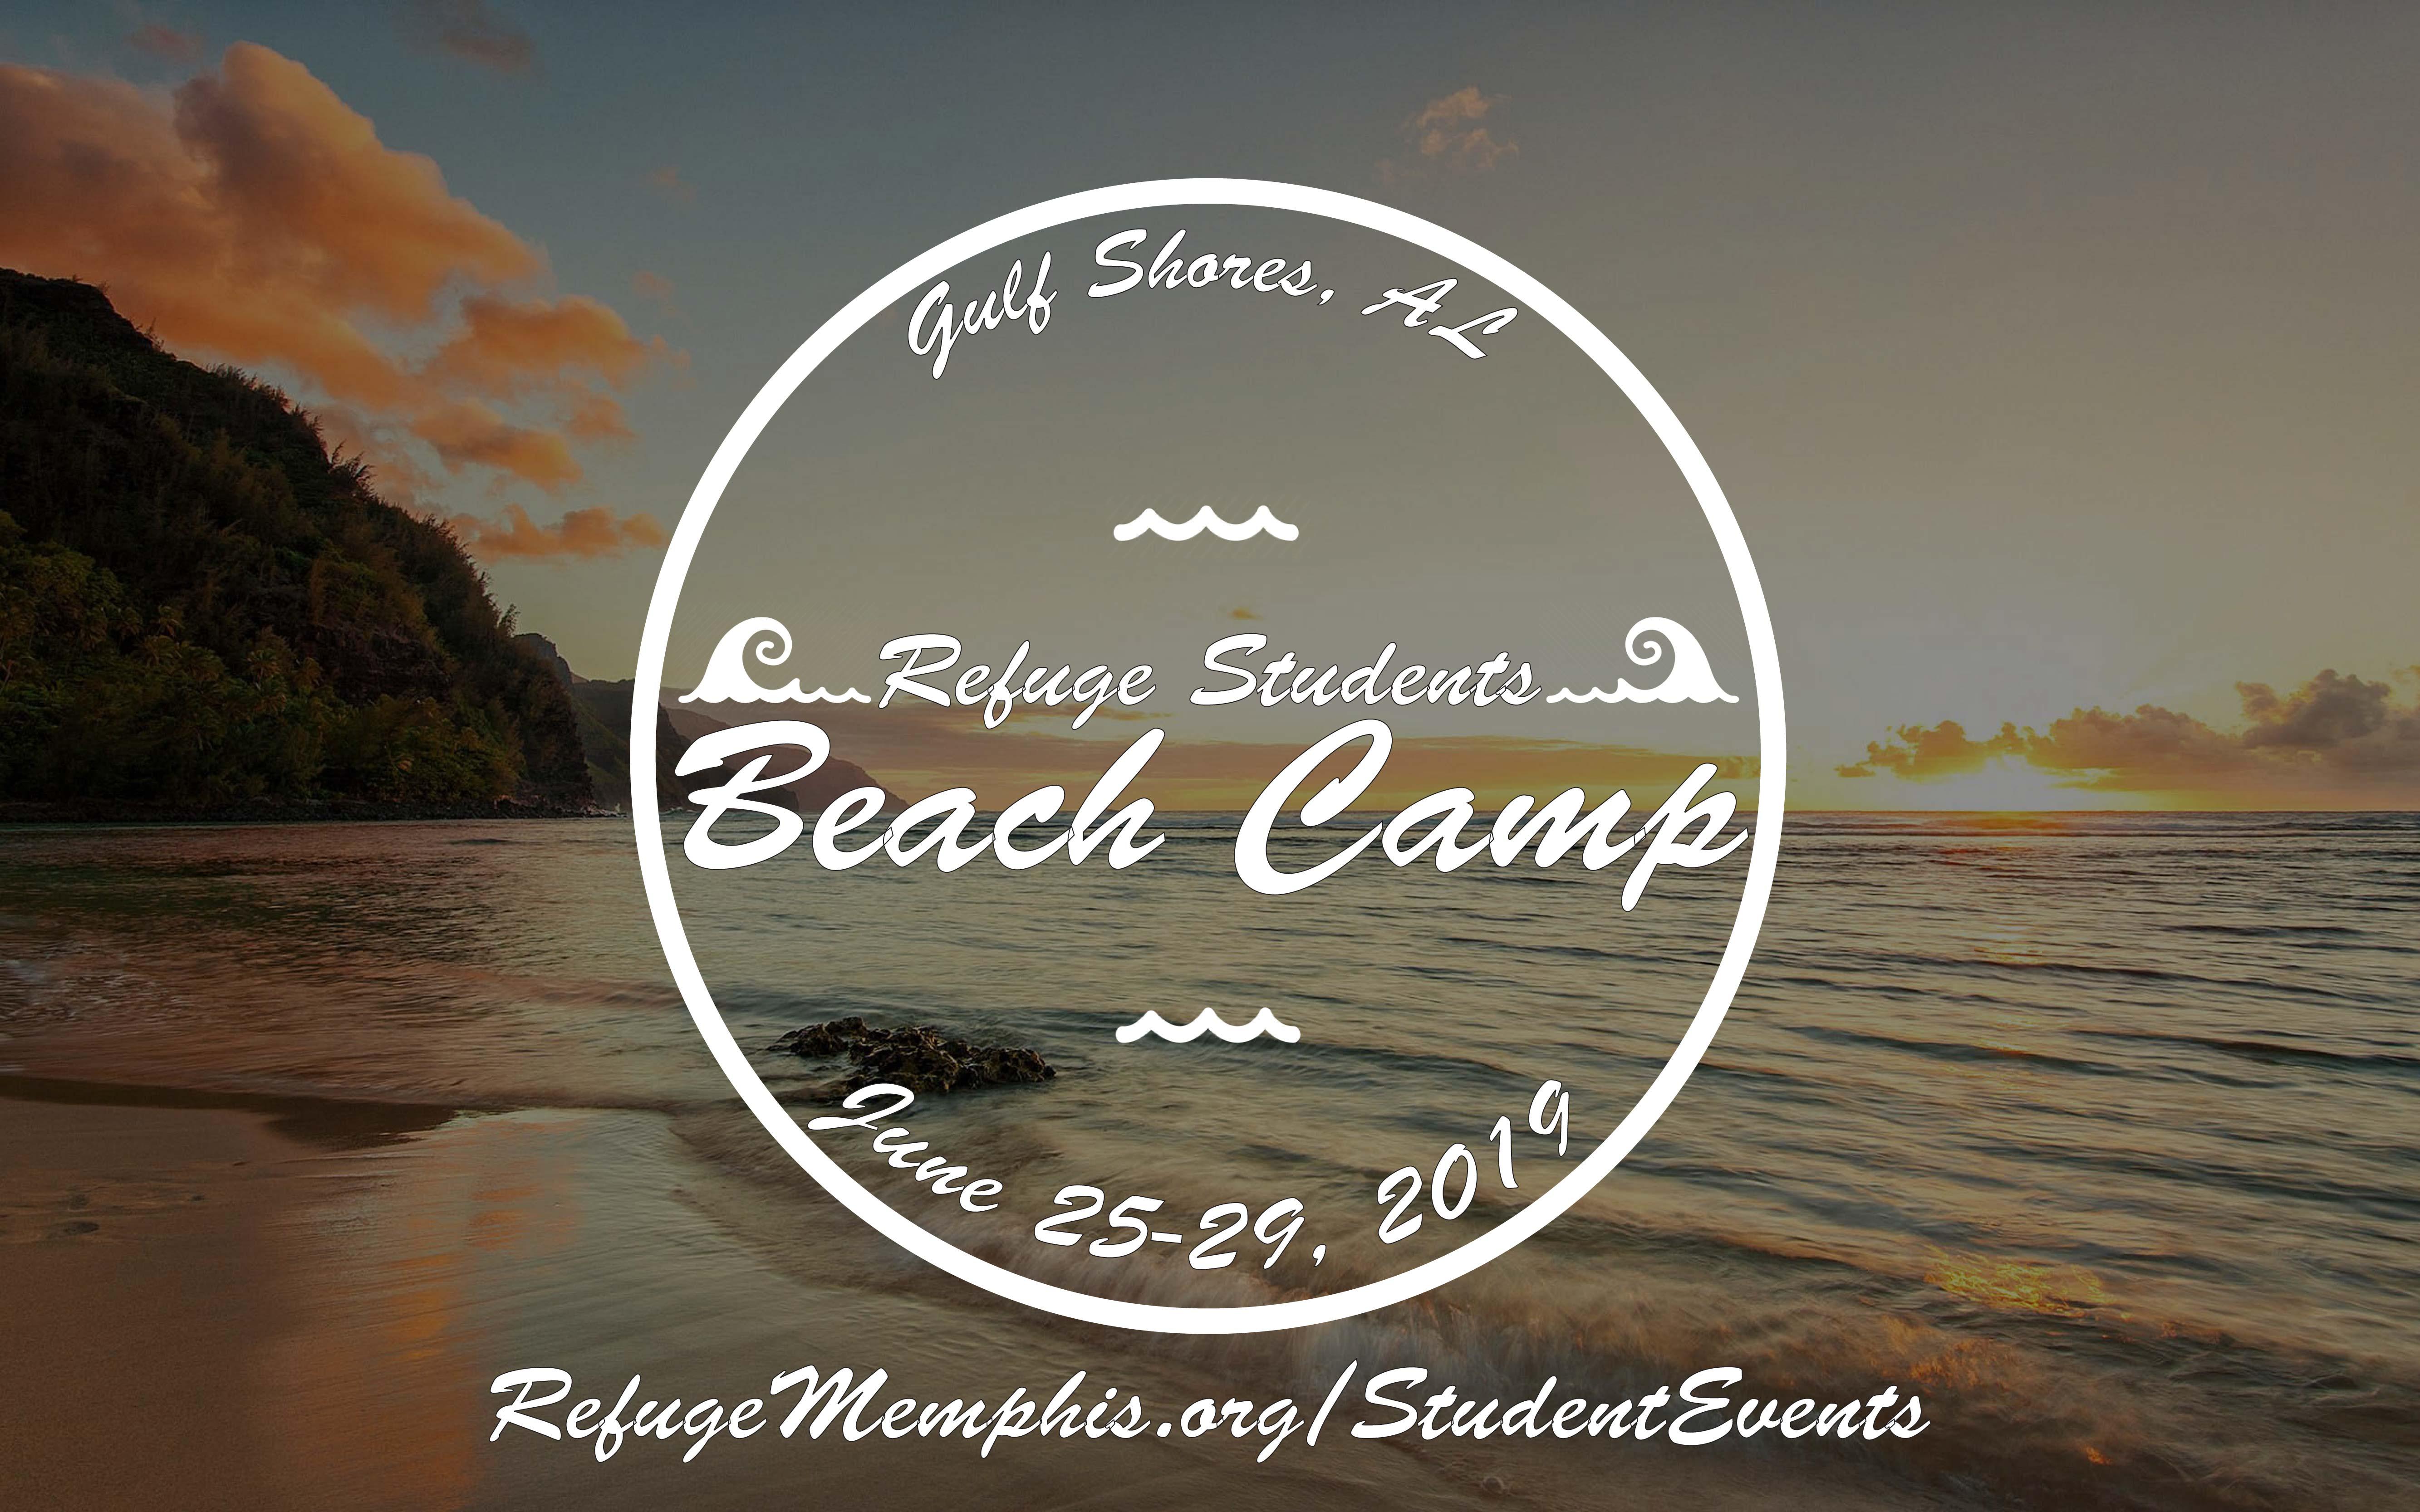 Summer beach camp 2019